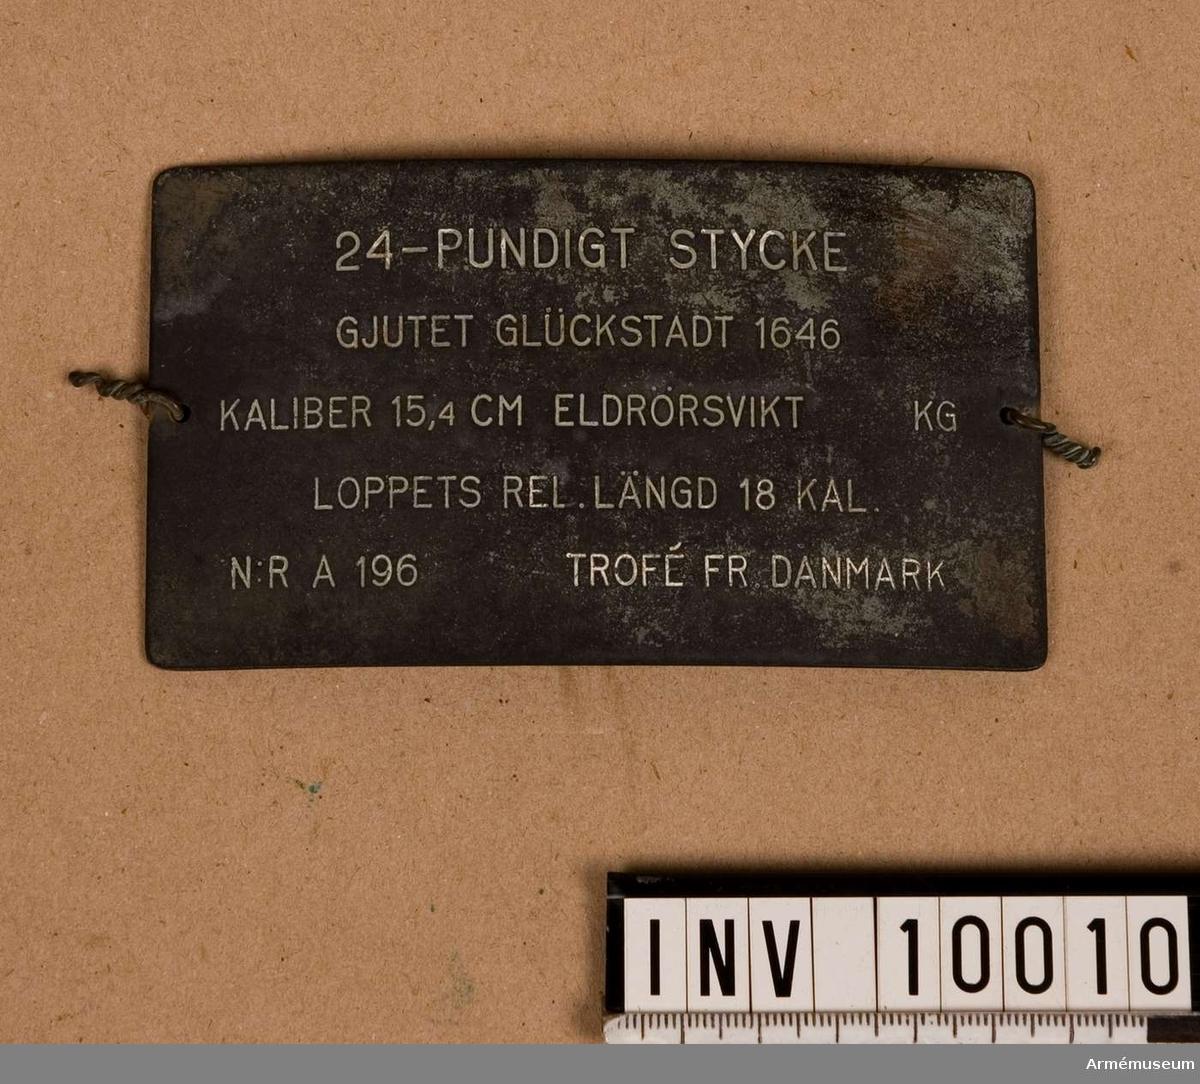 """Grupp A I.  Byte från intagandet av fästningen Glückstadt i Holstein 5/1 1814. Ursprungligen oldenburgska, med hertigens av Oldenburg vapen å kammarstycket samt därunder: V(on): G(ottes): G(naden) CRISTIAN GRAF ZU OLDENBURG UND DELMENHORST HER ZU IEHVER UND KNIEPHAUSEN. (Kristian, med Guds nåde, greve till Oldenburg och Delmenhorst, herre till Iever och Kniephausen). Kring trumfen: LUDOLF SIEGRFRIEDT HAT MICH  GEGOSSEN  (Ludolf Siegfriedt har gjutit mig). Denne styckegjutare hade, som man tror, sitt gjuteri i Hamburg. Kammarstycket märkt """"1646"""", druvhalsen """"6""""."""